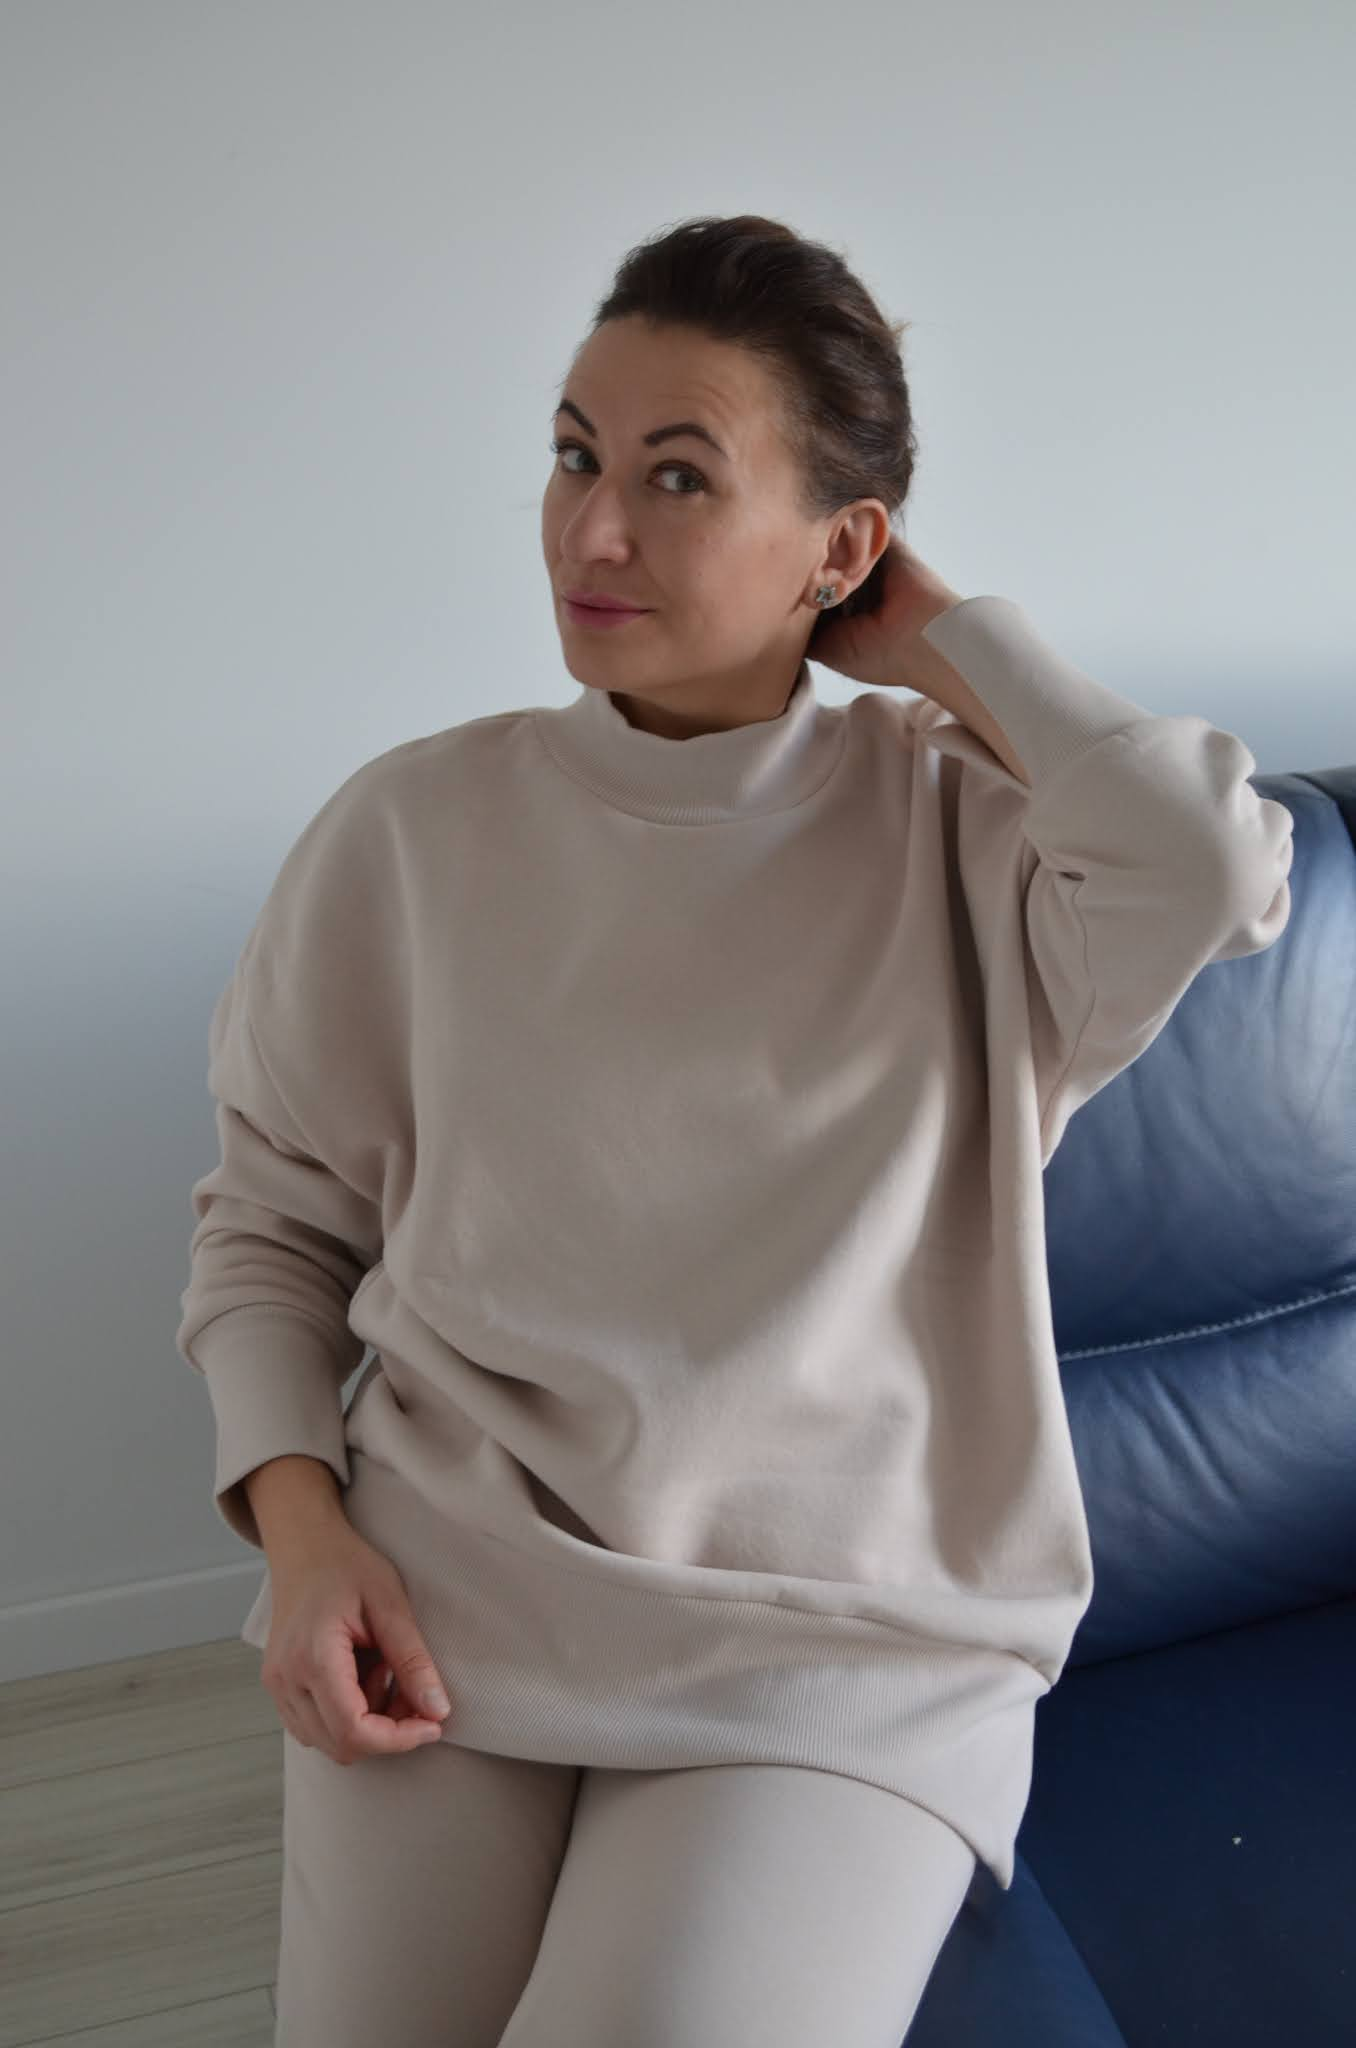 bloggerowy blog roku,plebiscyt na blog modowy,moda,Fashion,dres Laurella,komplet dresowy,piaskowy dres,damski dres,stylizacja po domu,modnie,wygodnie,stylowo w dresie,